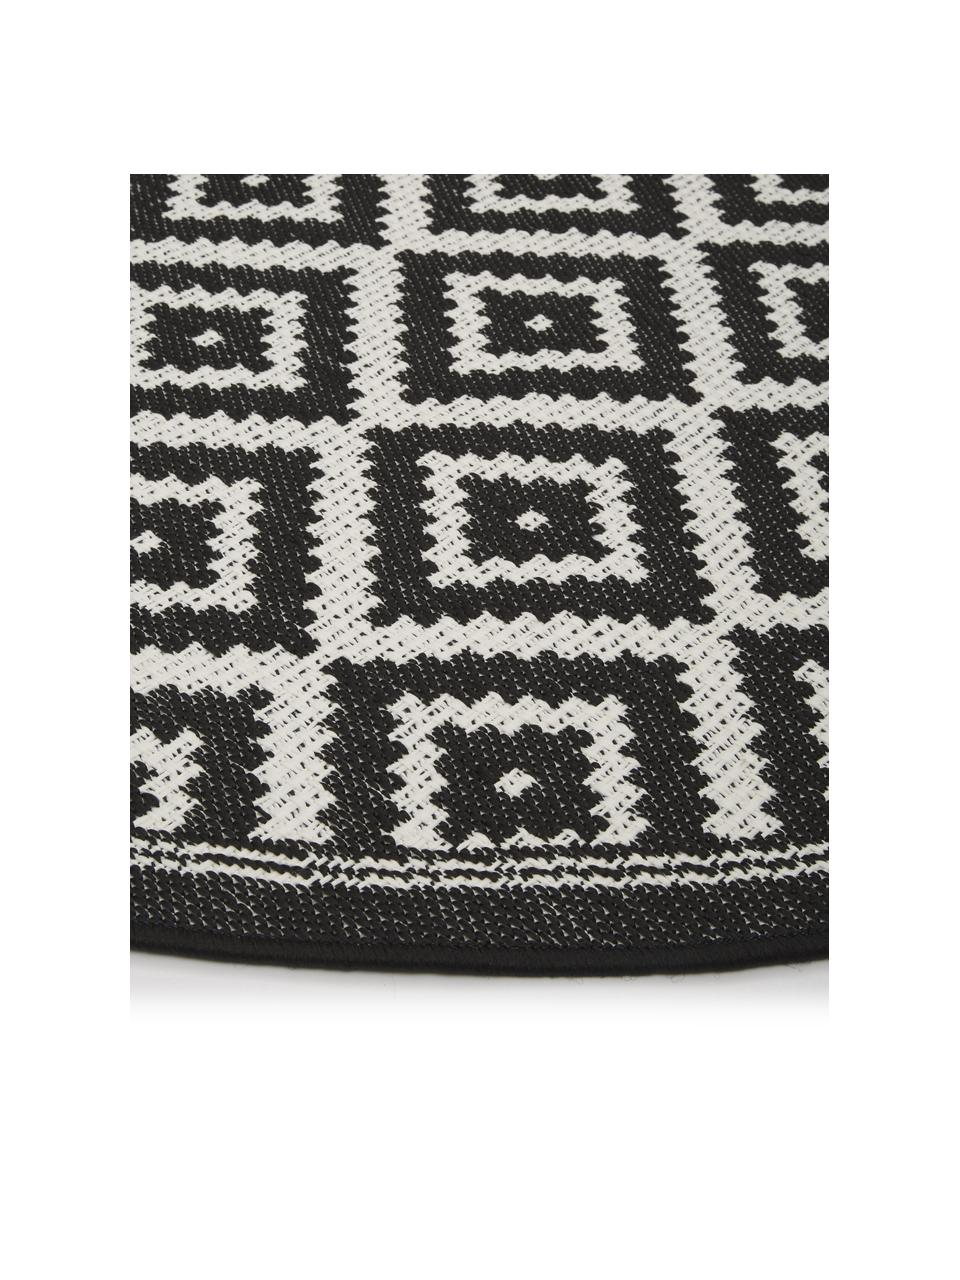 Rond in- en outdoor vloerkleed met patroon Miami in zwart/wit, 86% polypropyleen, 14% polyester, Wit, zwart, Ø 200 cm (maat L)